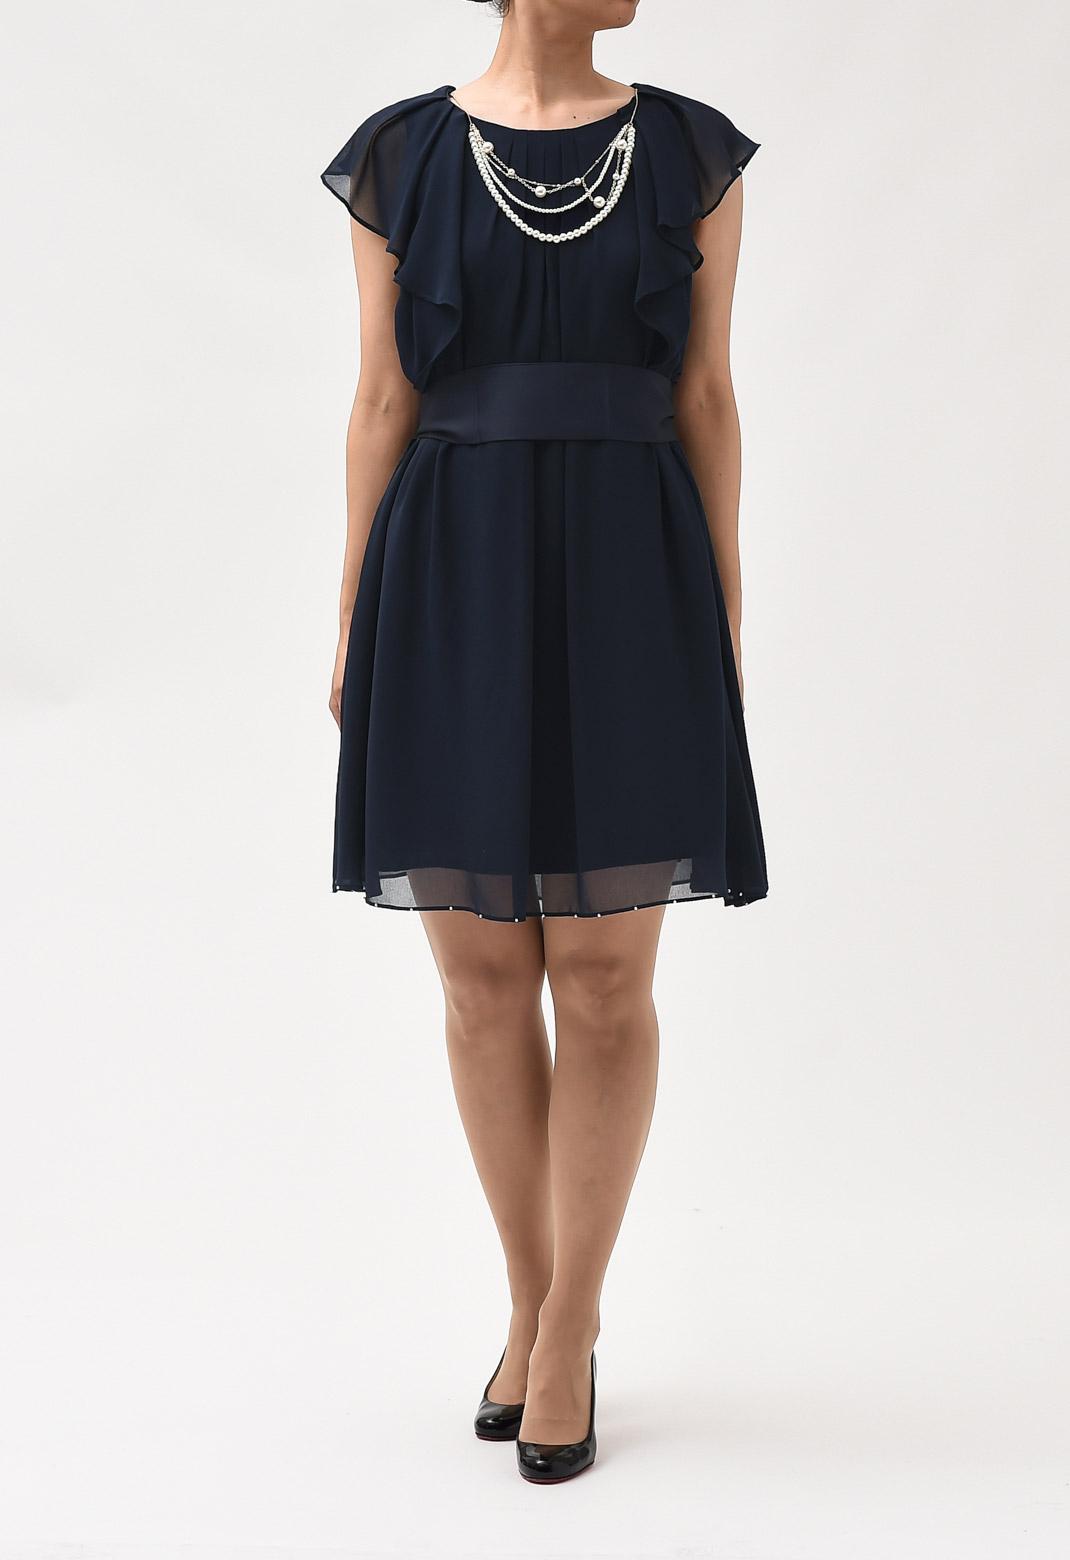 ネックレス飾り フリル袖 レイヤード ドレス